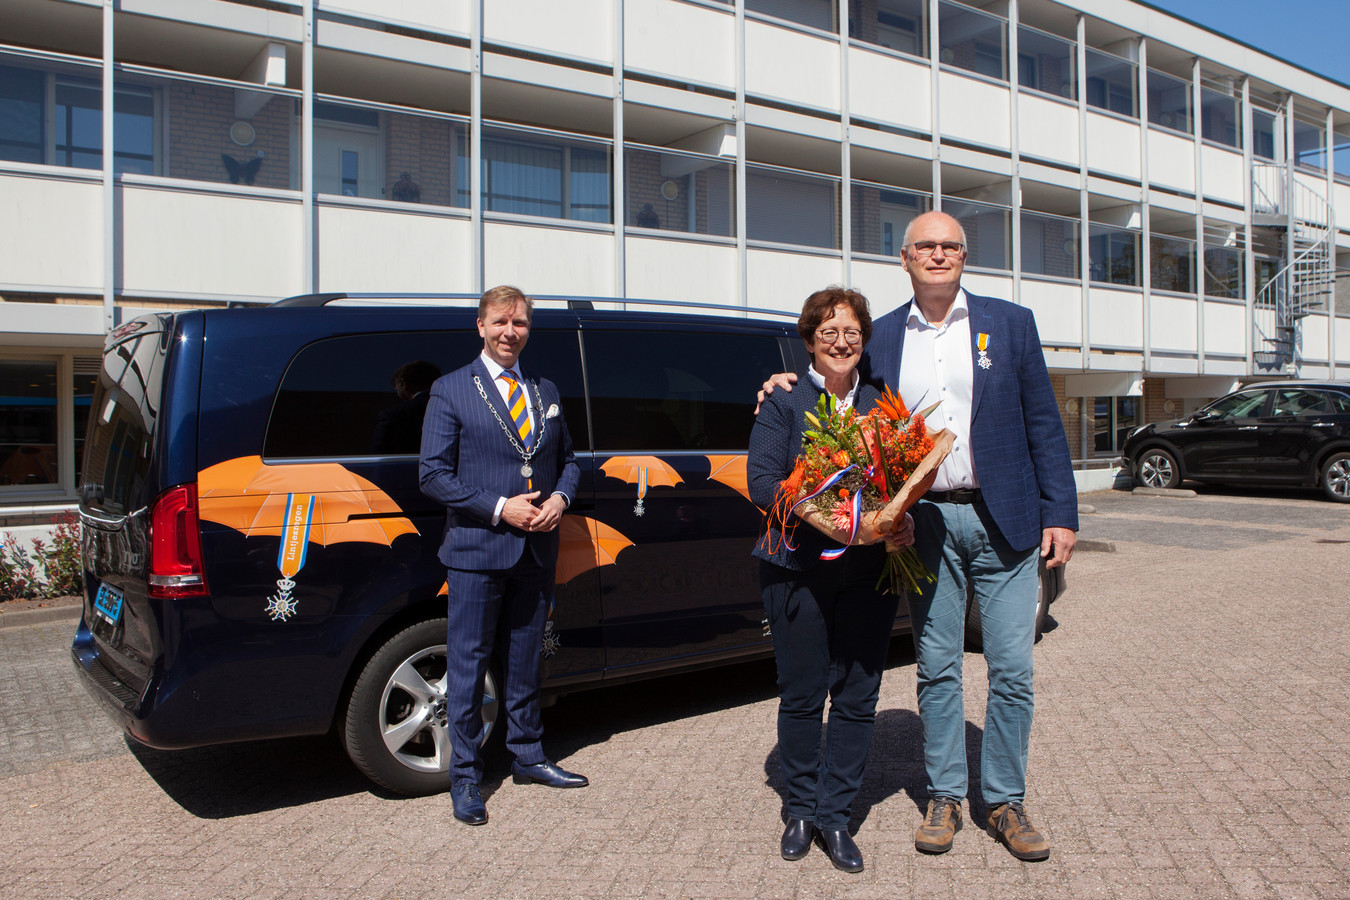 Arie Brouwer is Ridder in de orde van Oranje-Nassau